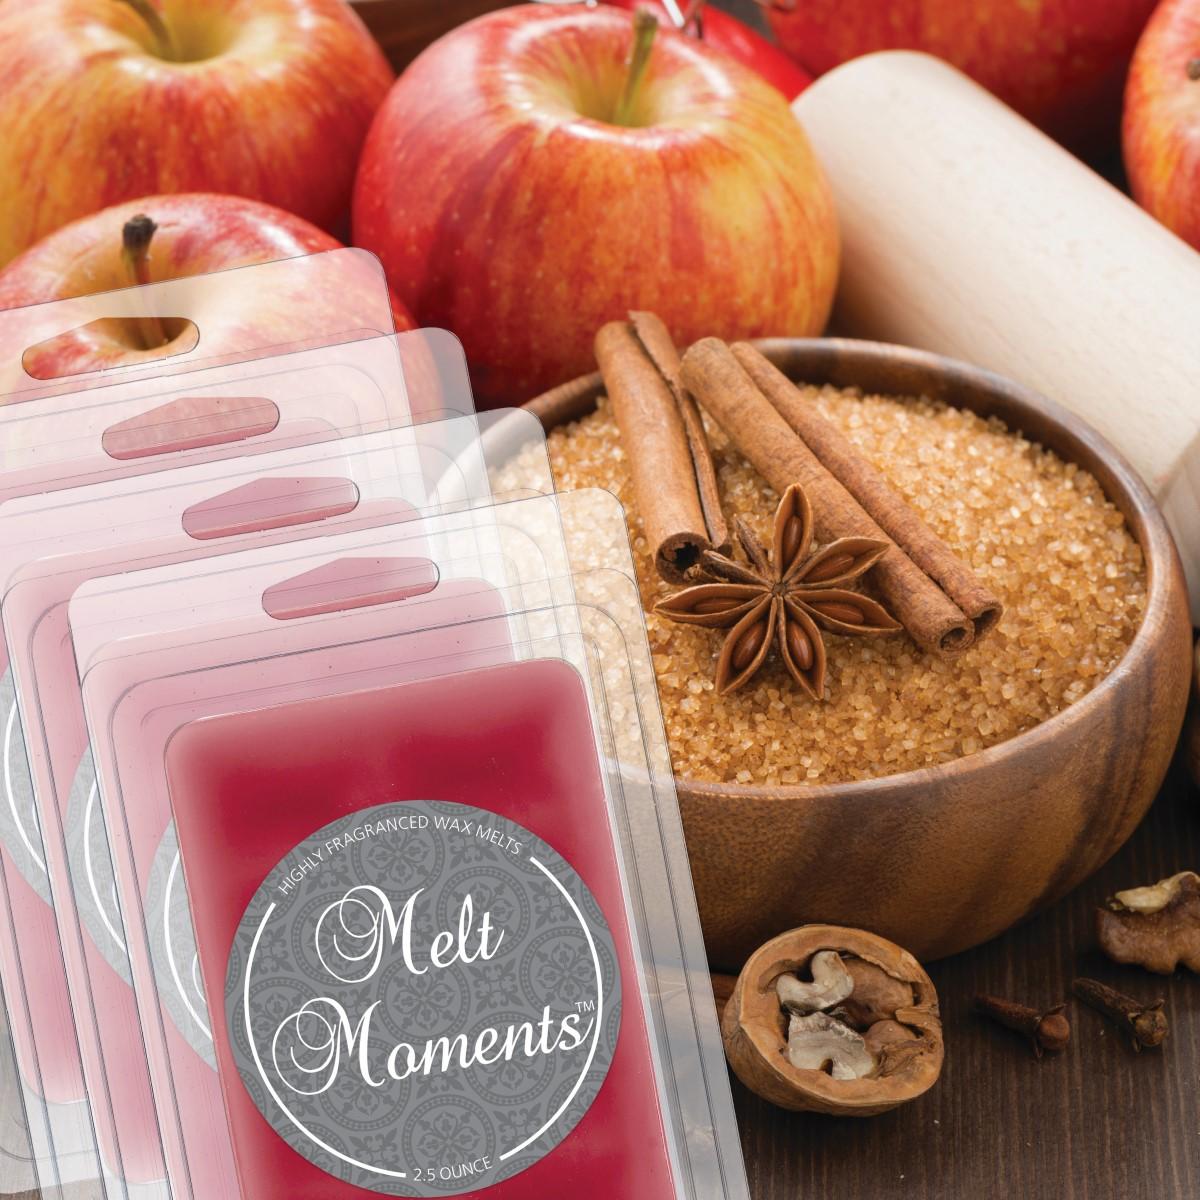 Melts - 4 Packs of Baked Apple Pie